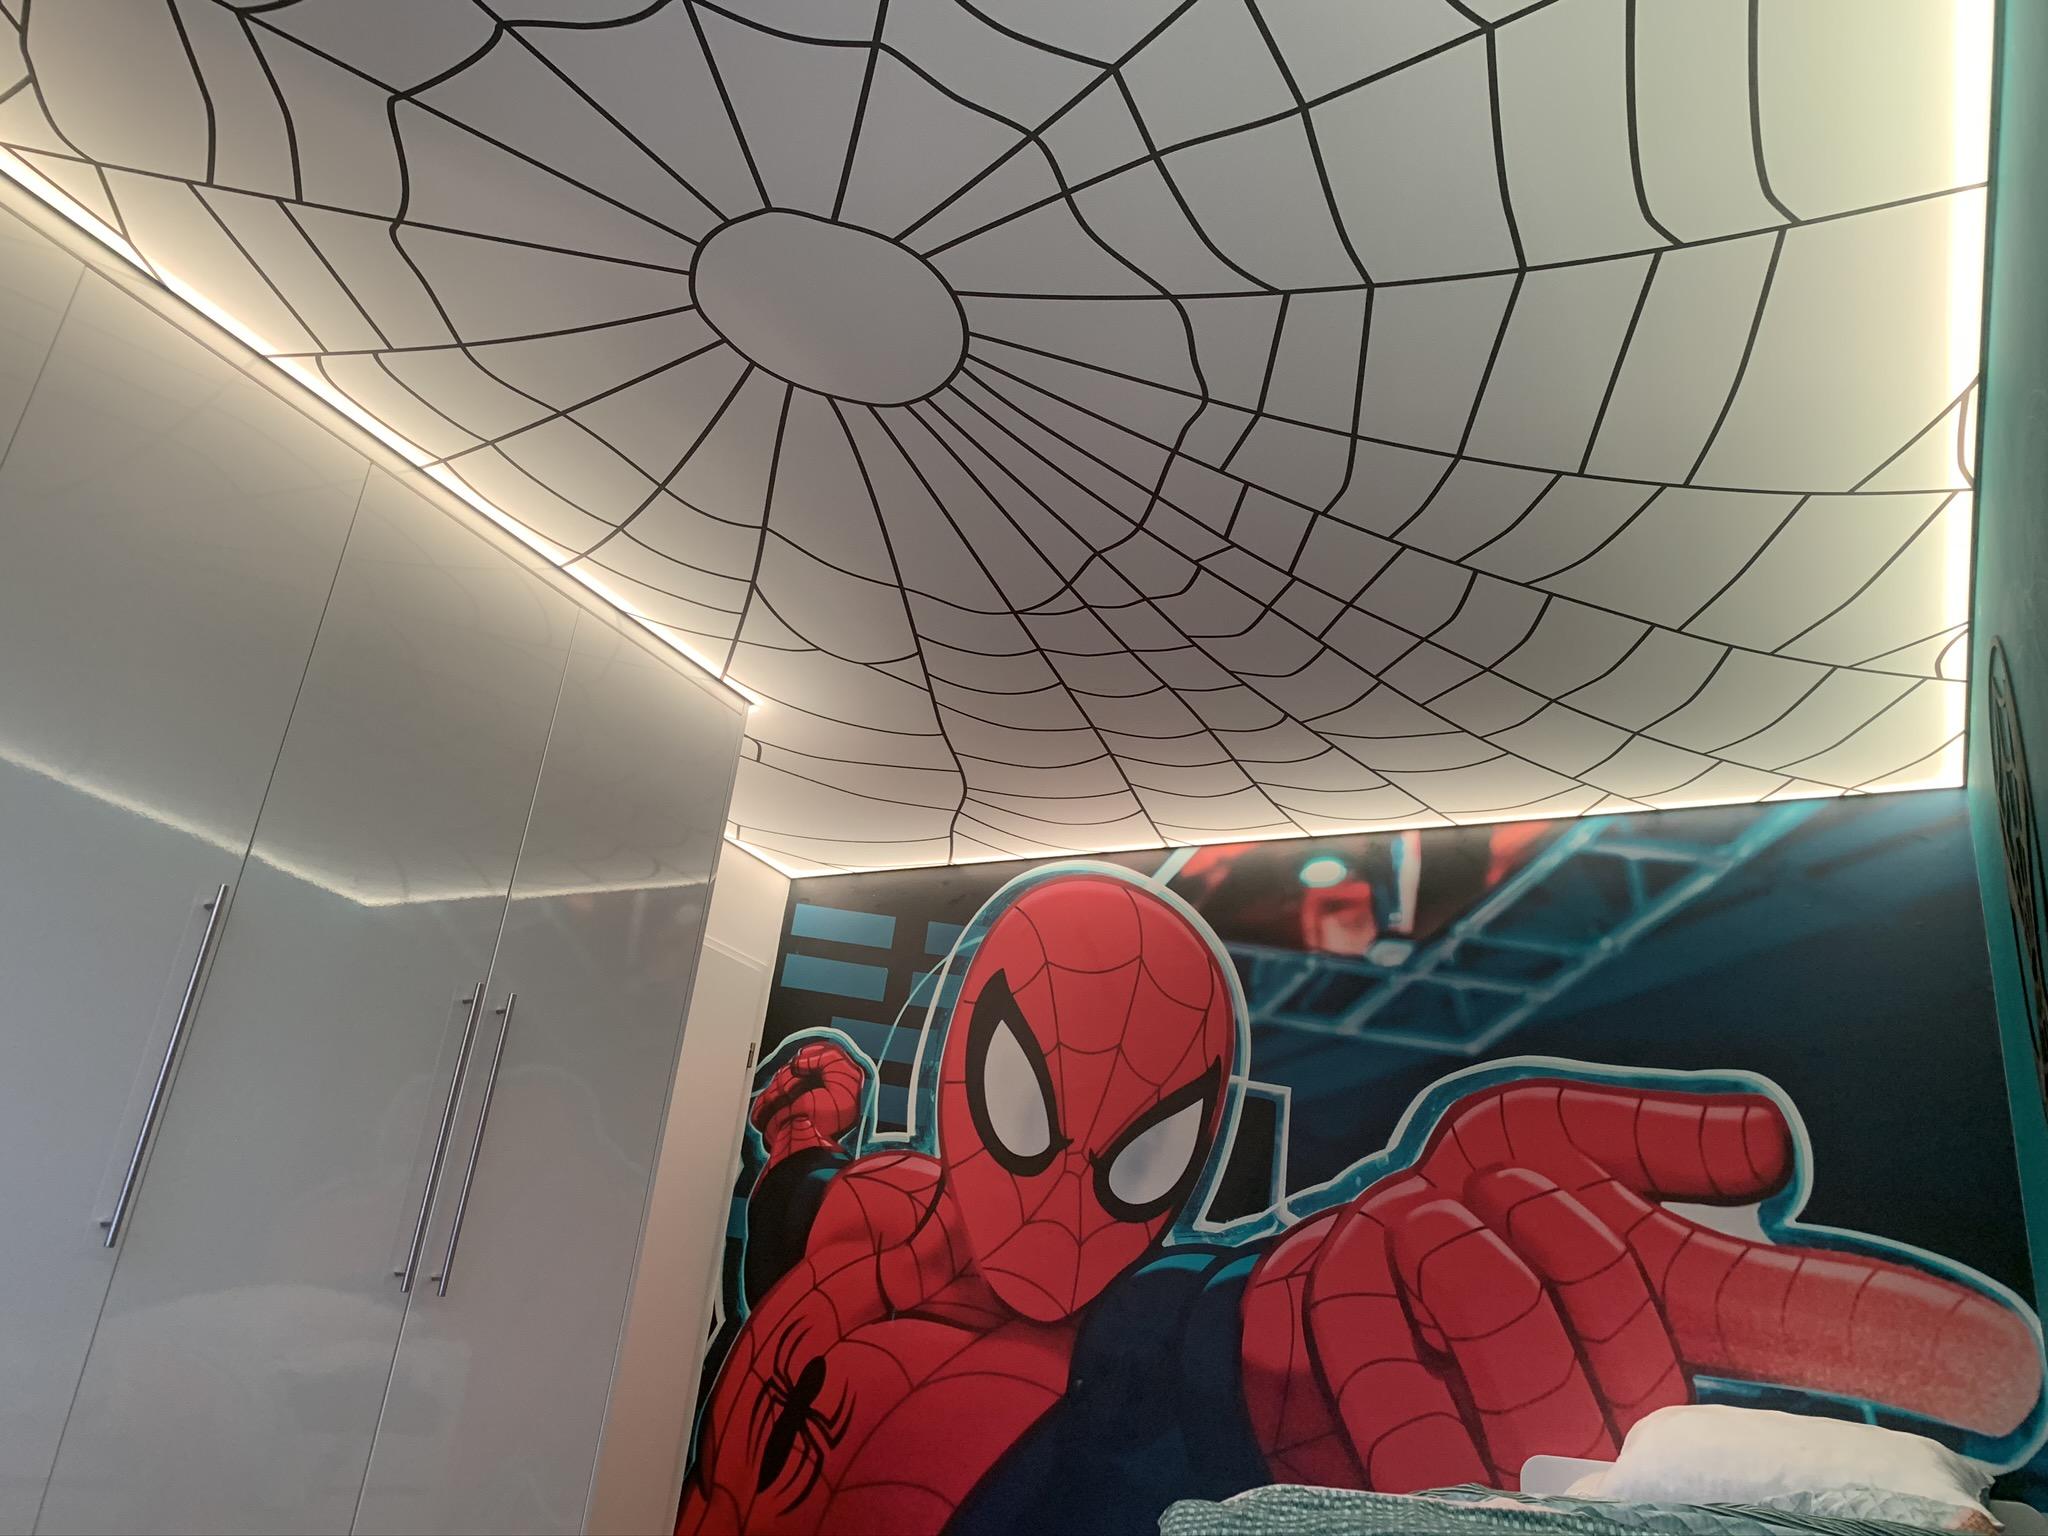 spanplafond lichtprint met spiderman motief